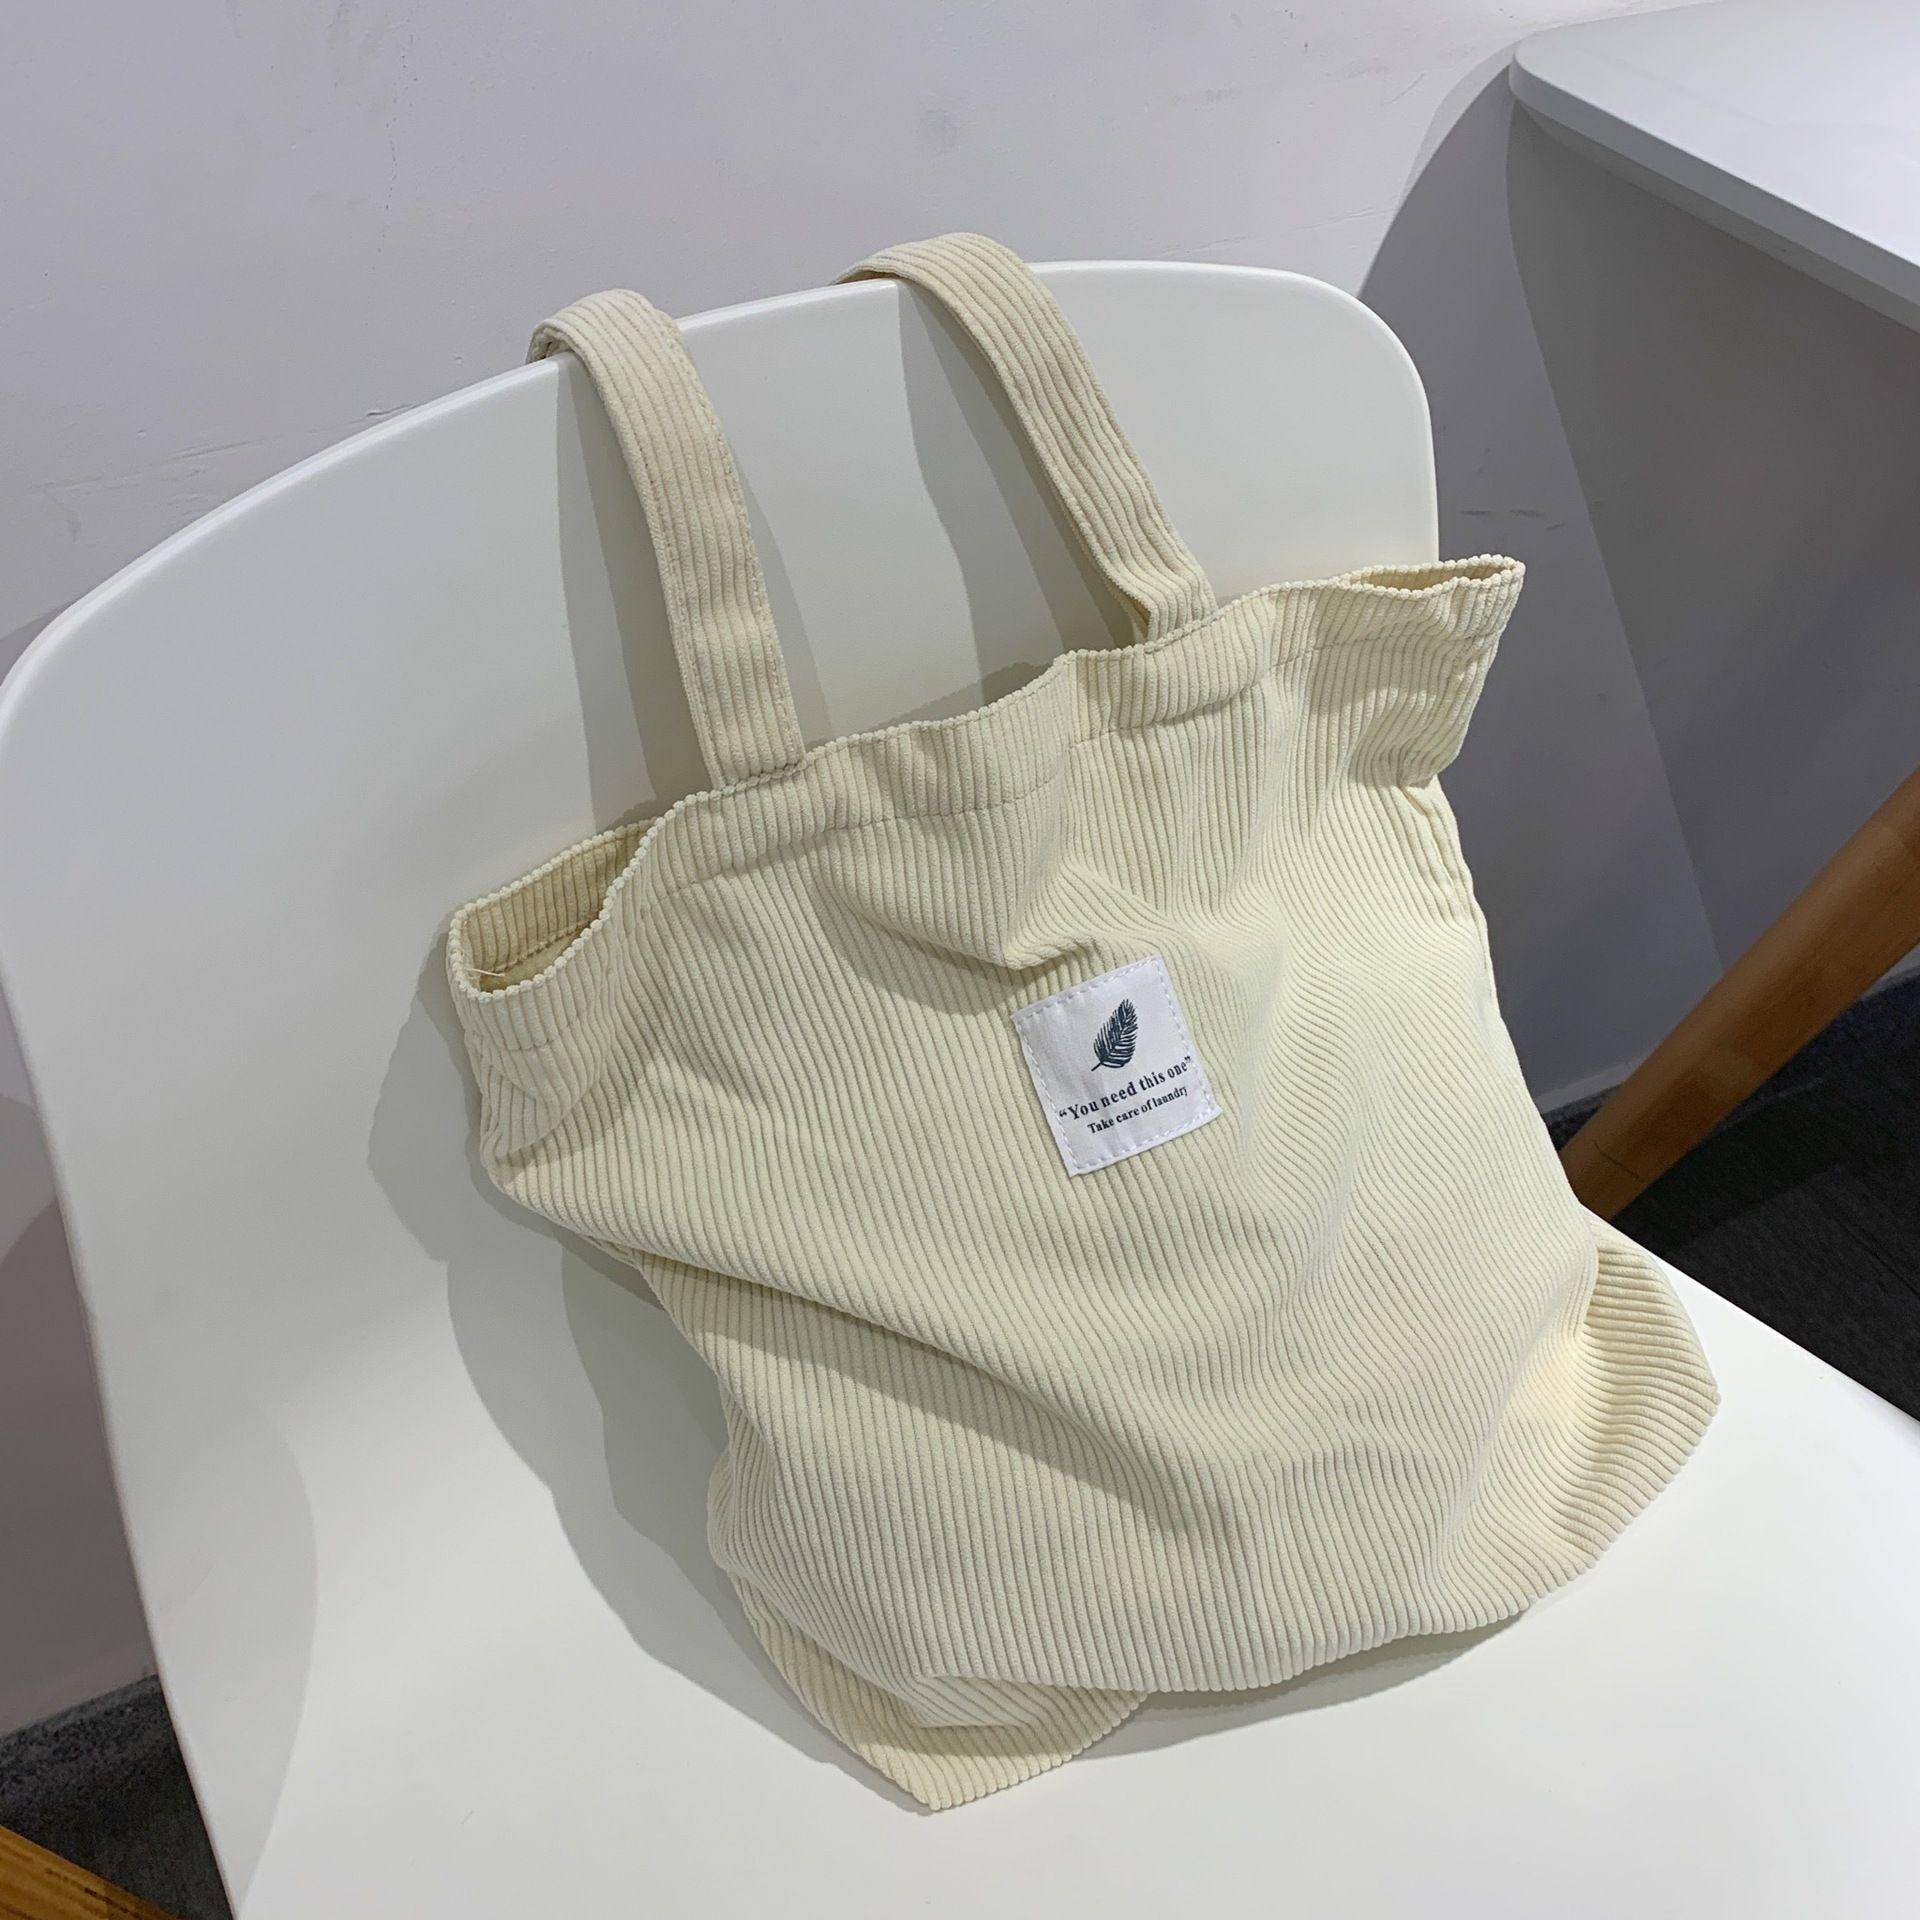 Сумки HBP для женщин 2021 Corduroy Сумка на плечо Многоразовая сумка для повседневной сумки повседневной сумки женской сумки для определенного количества брошенного падения бежевого